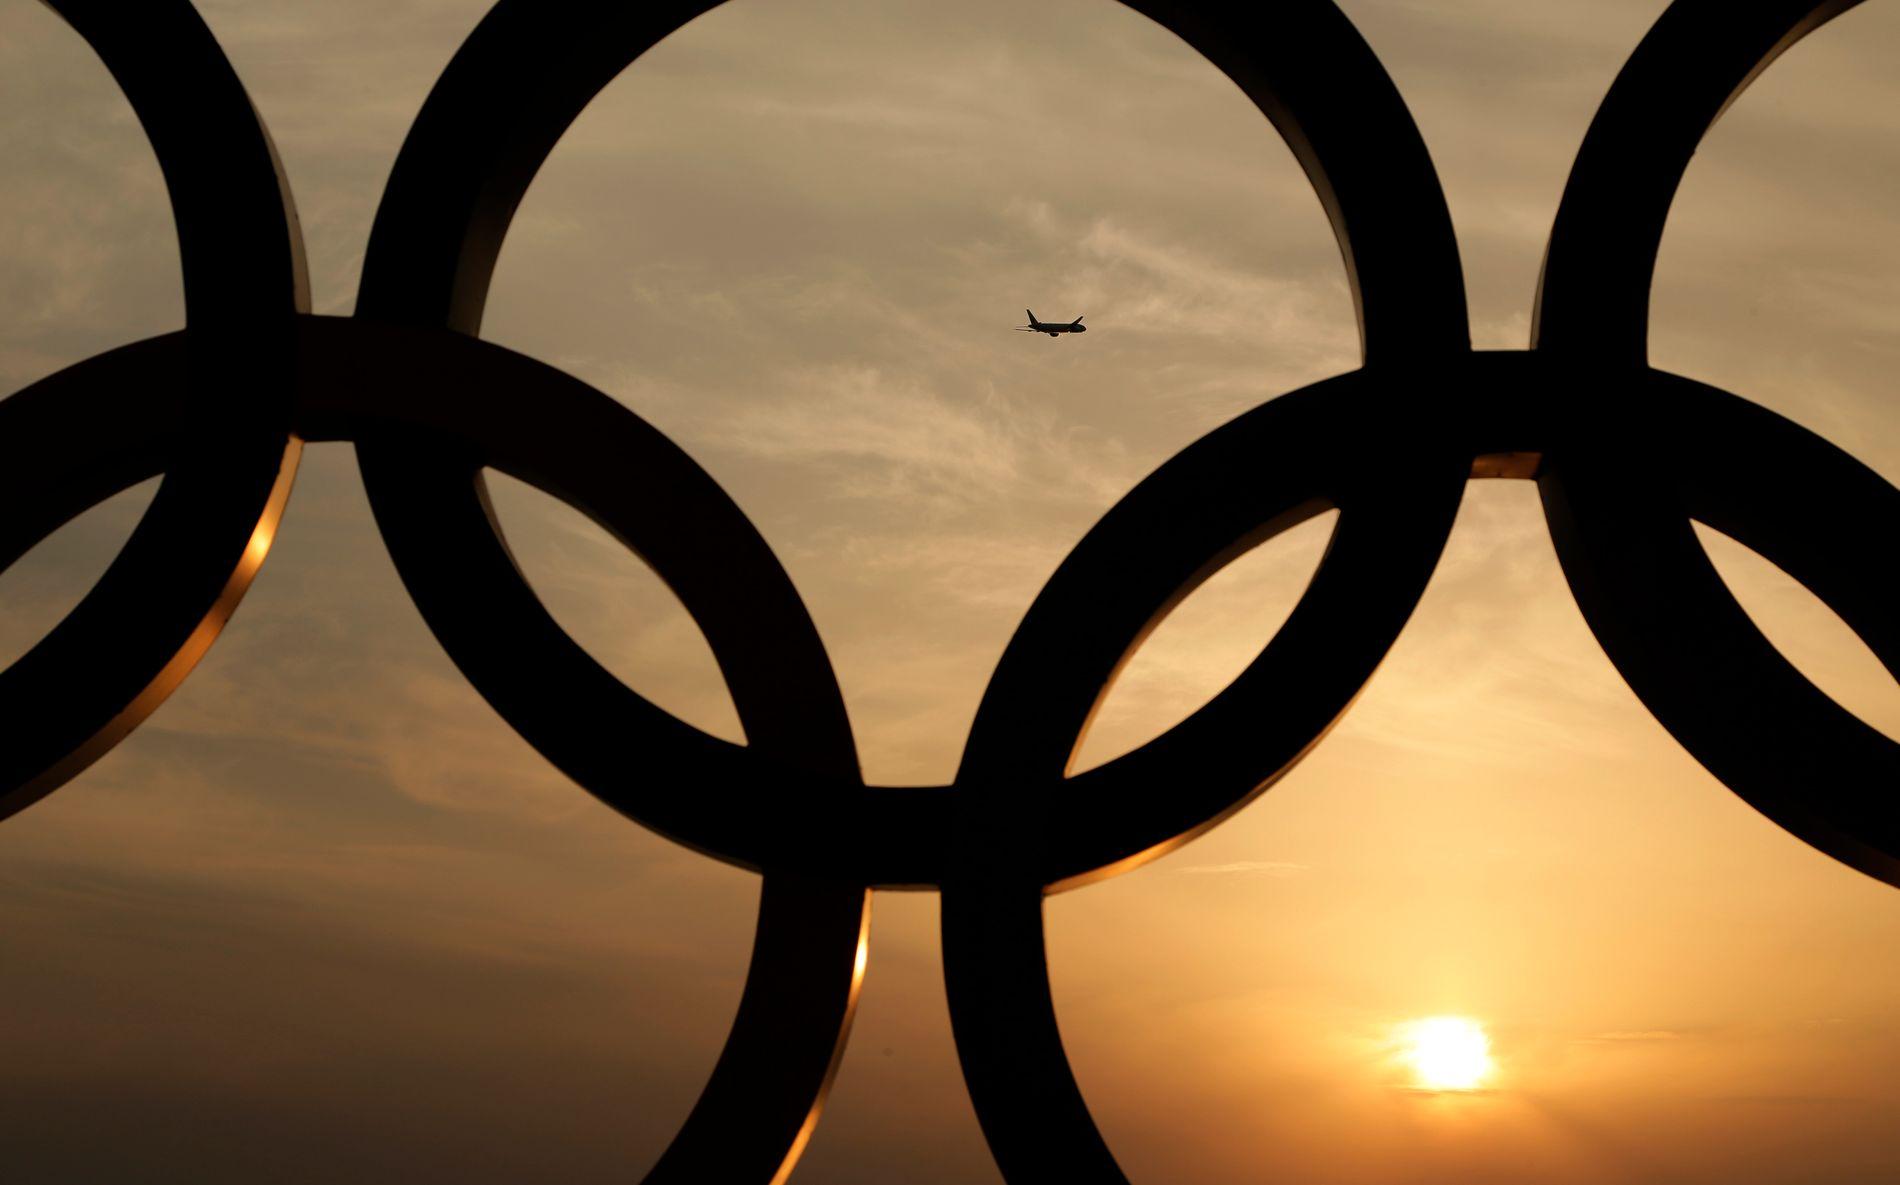 SVAKT BILLETTSALG: Bare 30 prosent av billettene til OL i Sør-Korea til vinteren er solgt. Det er uvanlig fire måneder før lekene starter. I Norge har CoSport / Jet Set Sports enerett på salg av billetter.